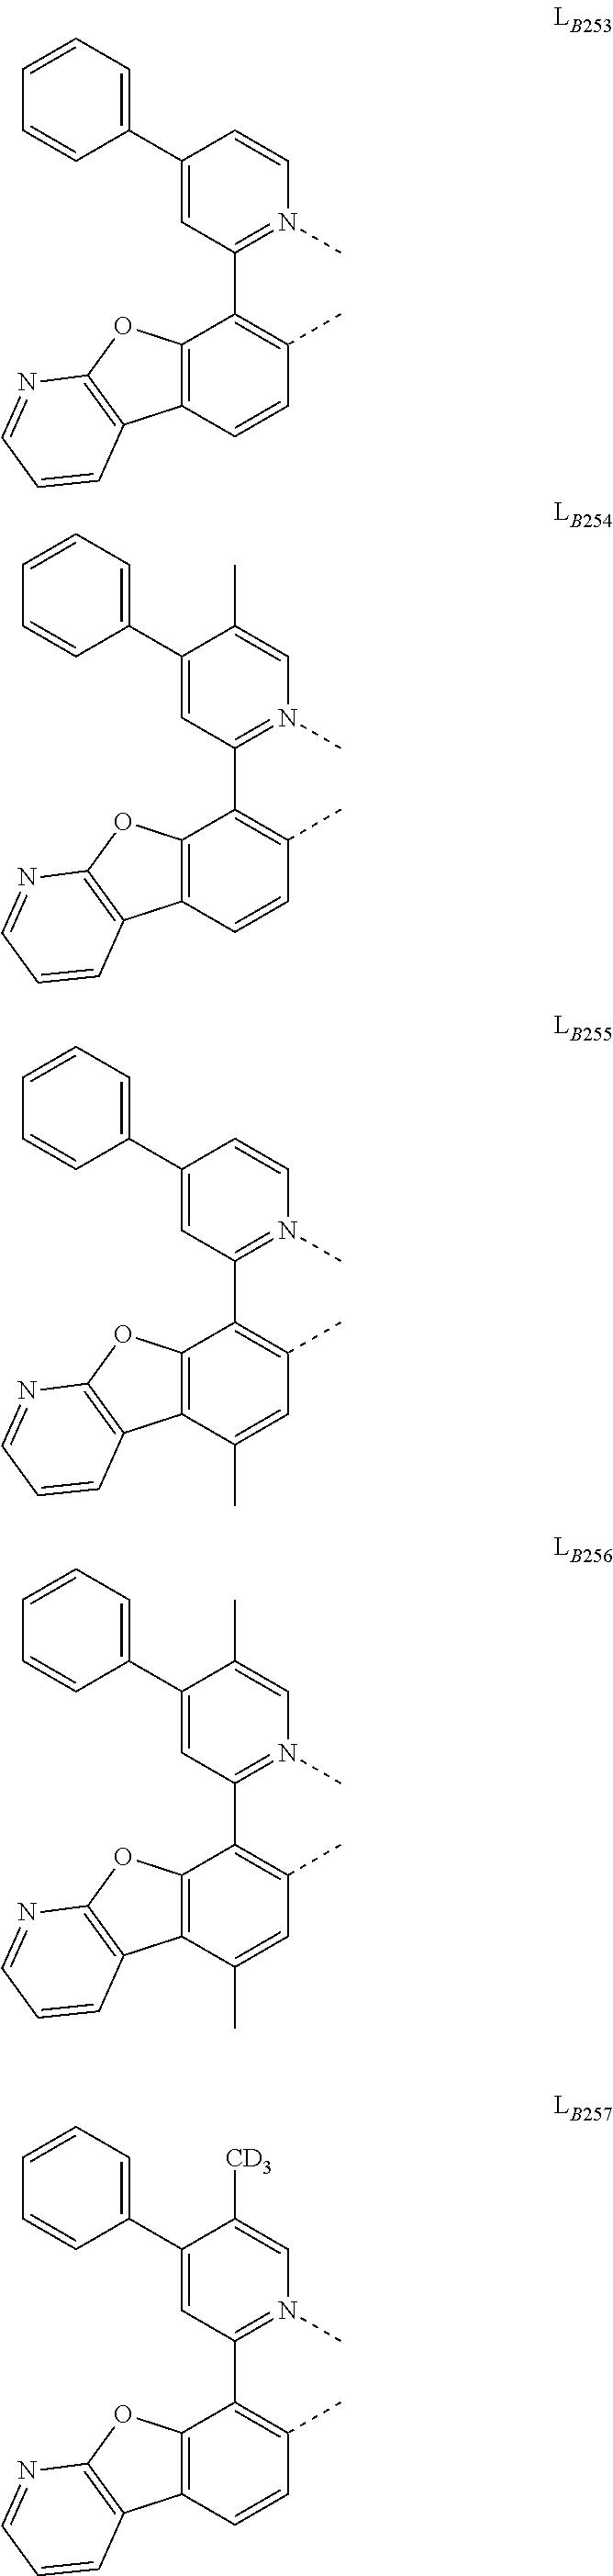 Figure US20180130962A1-20180510-C00312